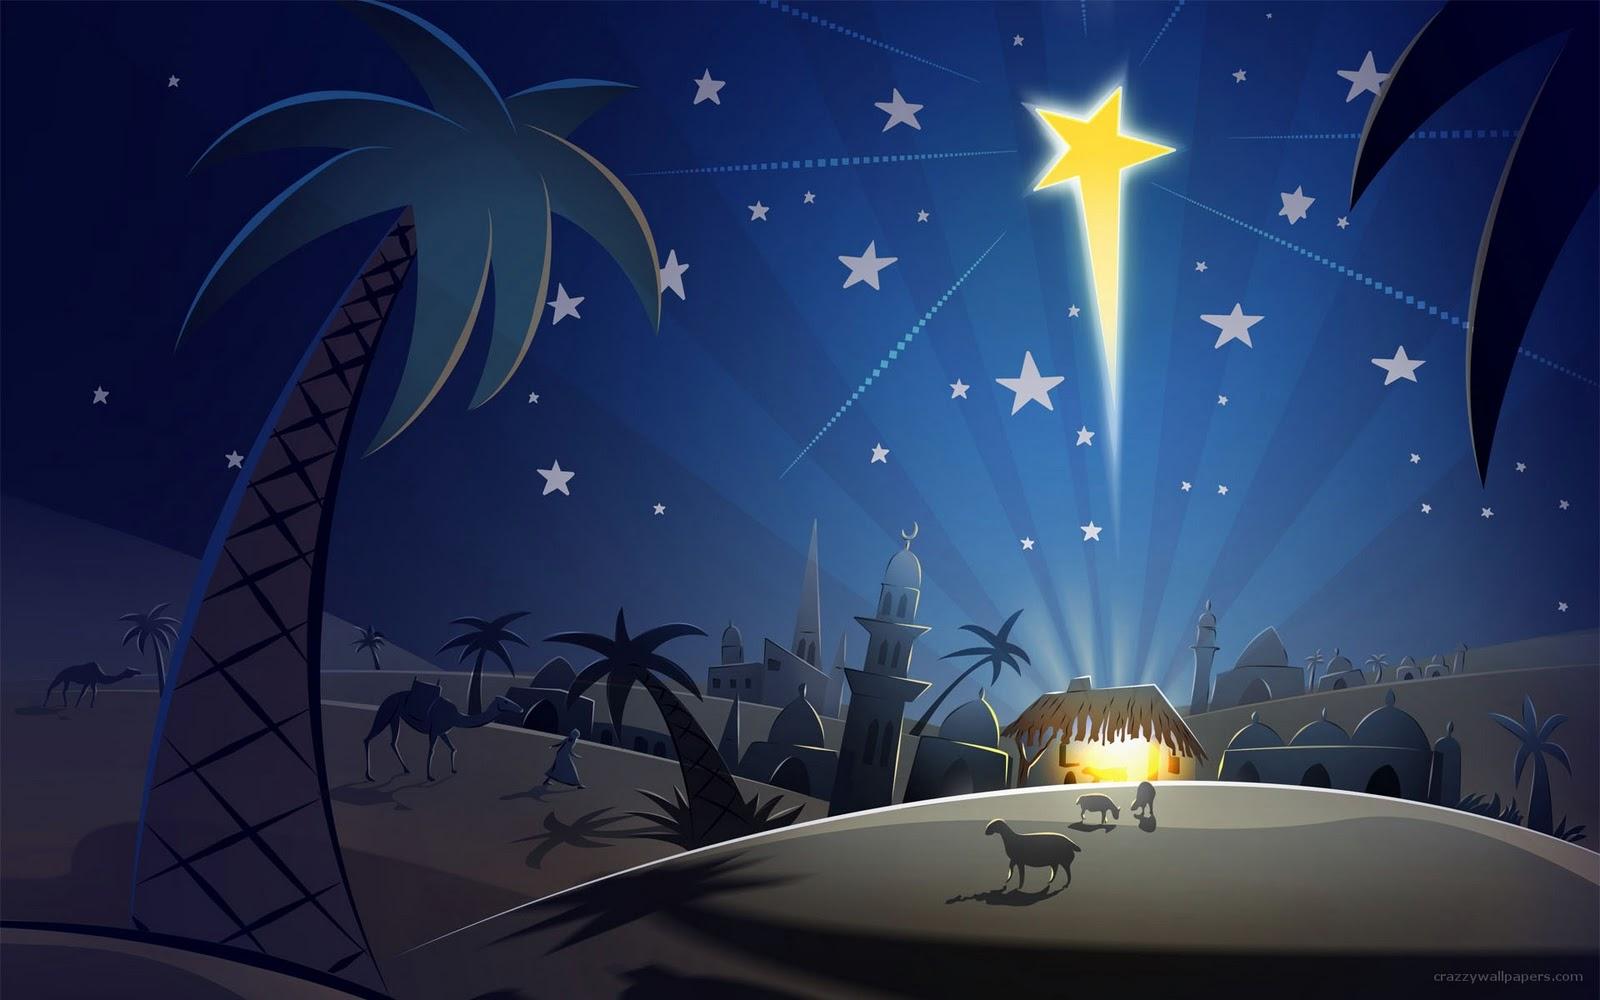 http://4.bp.blogspot.com/-iYTRDl0qBlI/TudZBJzt19I/AAAAAAAABtk/iiu0OV-T-h0/s1600/Merry-christmas-wallpaper-2011-2012-5.jpg